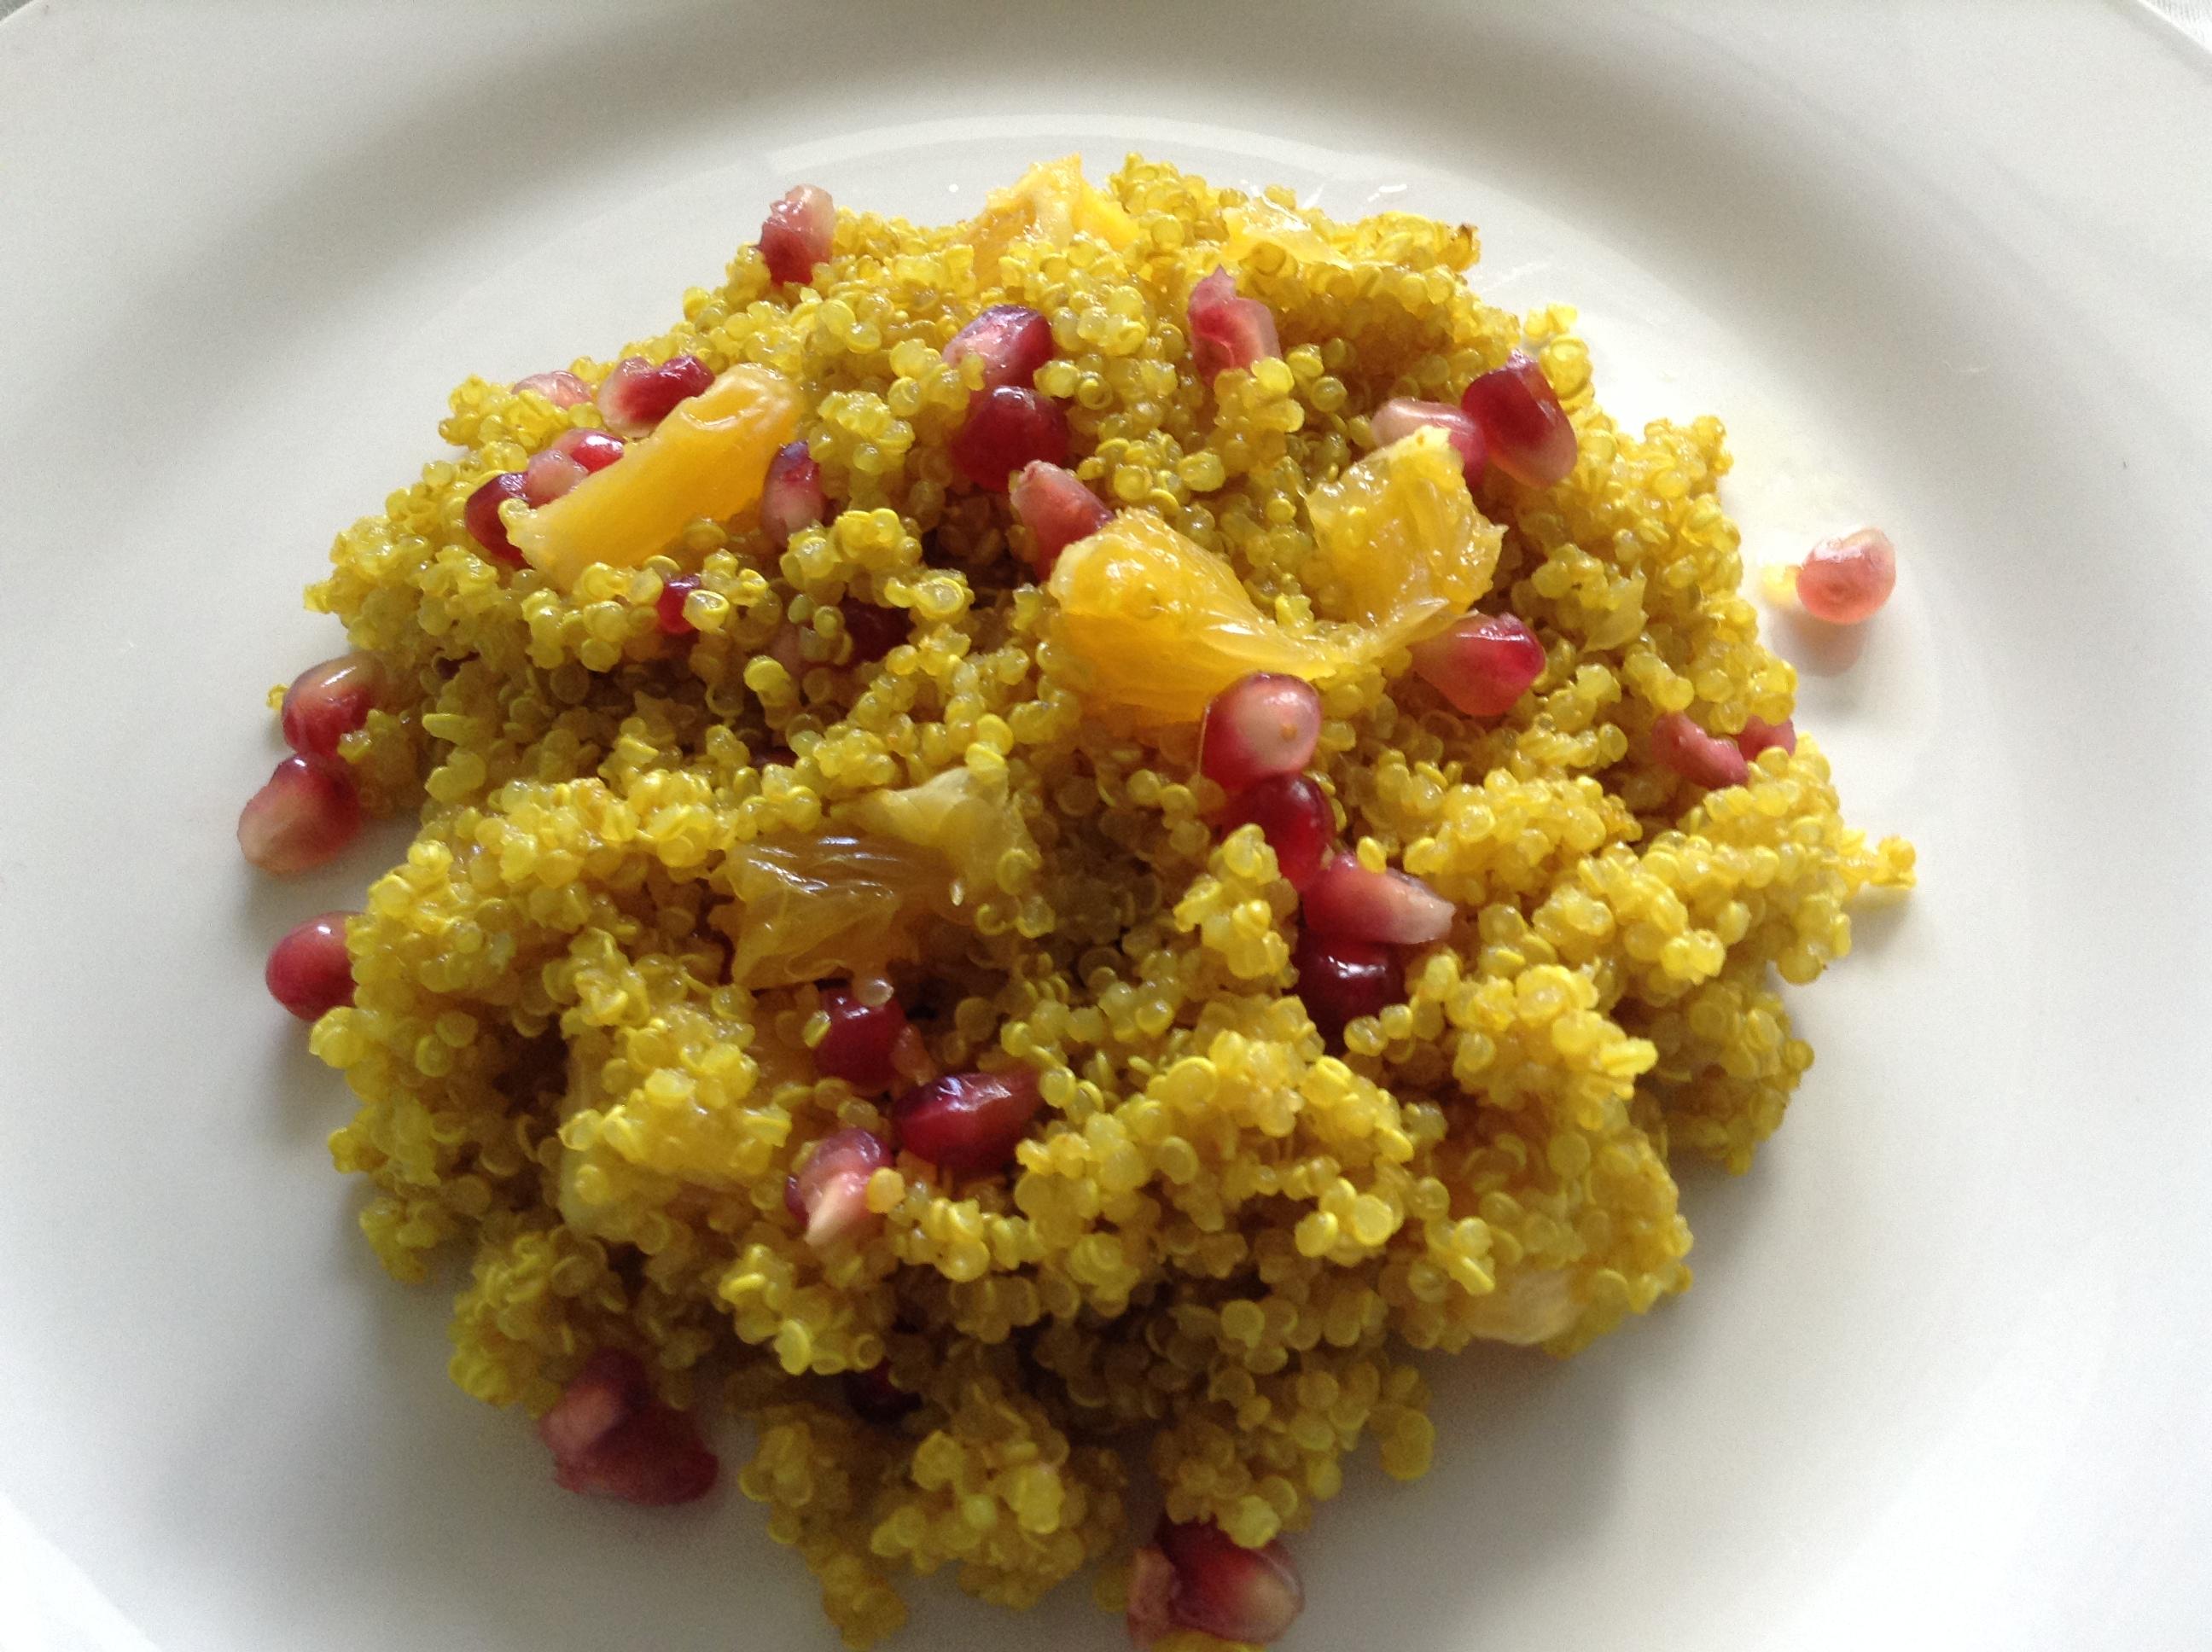 Pomegranate & orange quinoa salad